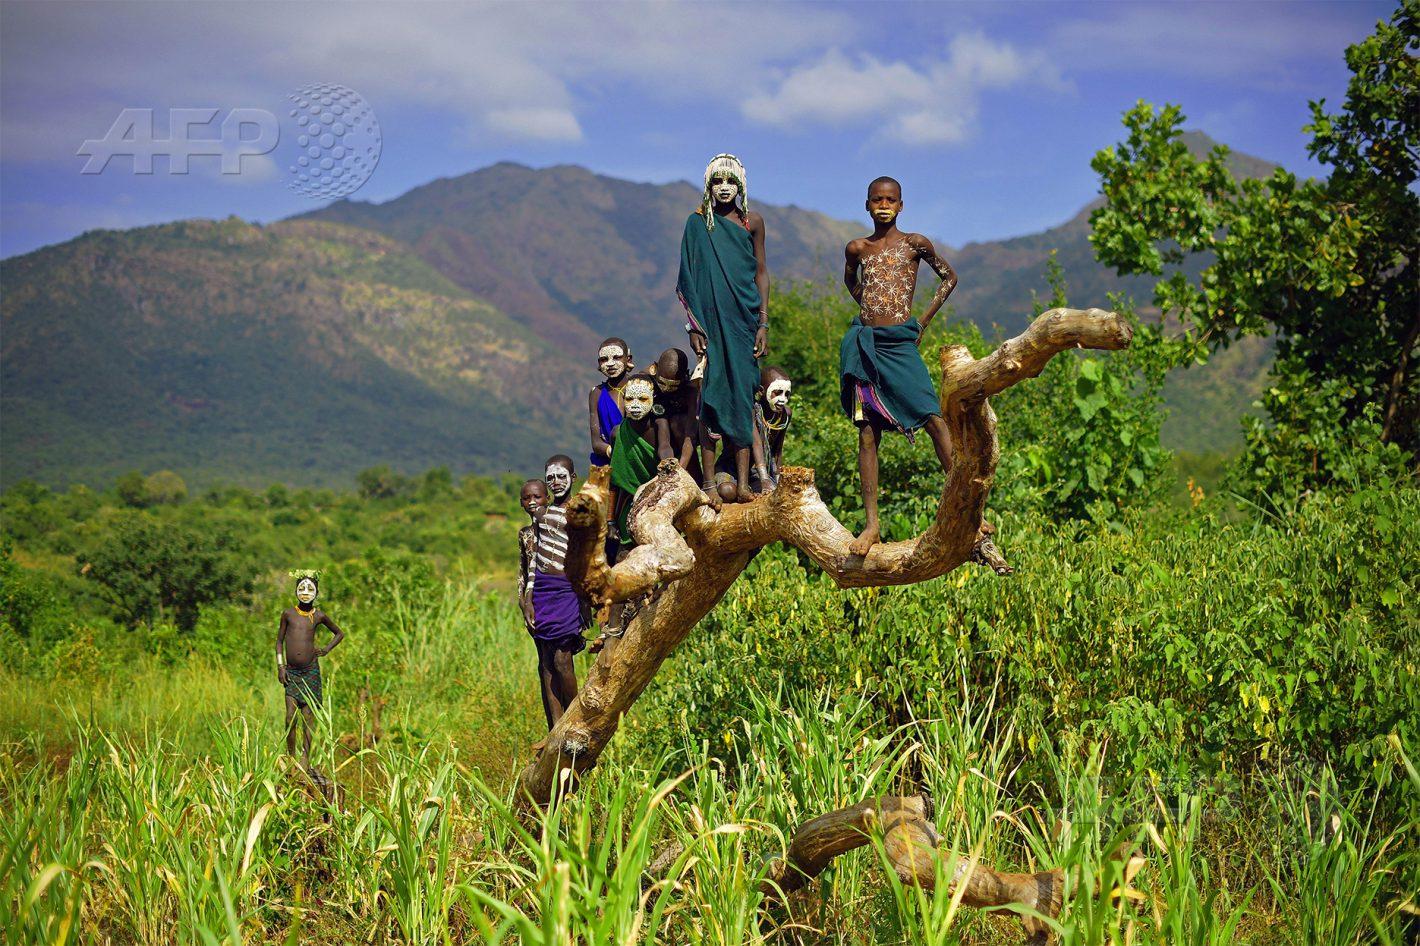 AFP 14 / ÉTHIOPIE 25 septembre 2016 - Kibbish, Éthiopie - Des enfants de la tribu Suri posent près de la localité de Kibbish, dans la vallée de l'Omo, où vivent de nombreuses tribus d'agriculteurs et éleveurs semi-nomades. La construction du barrage baptisé « Gibe III » pourrait porter atteinte aux modes de vie des populations locales. AFP / CARL DE SOUZA